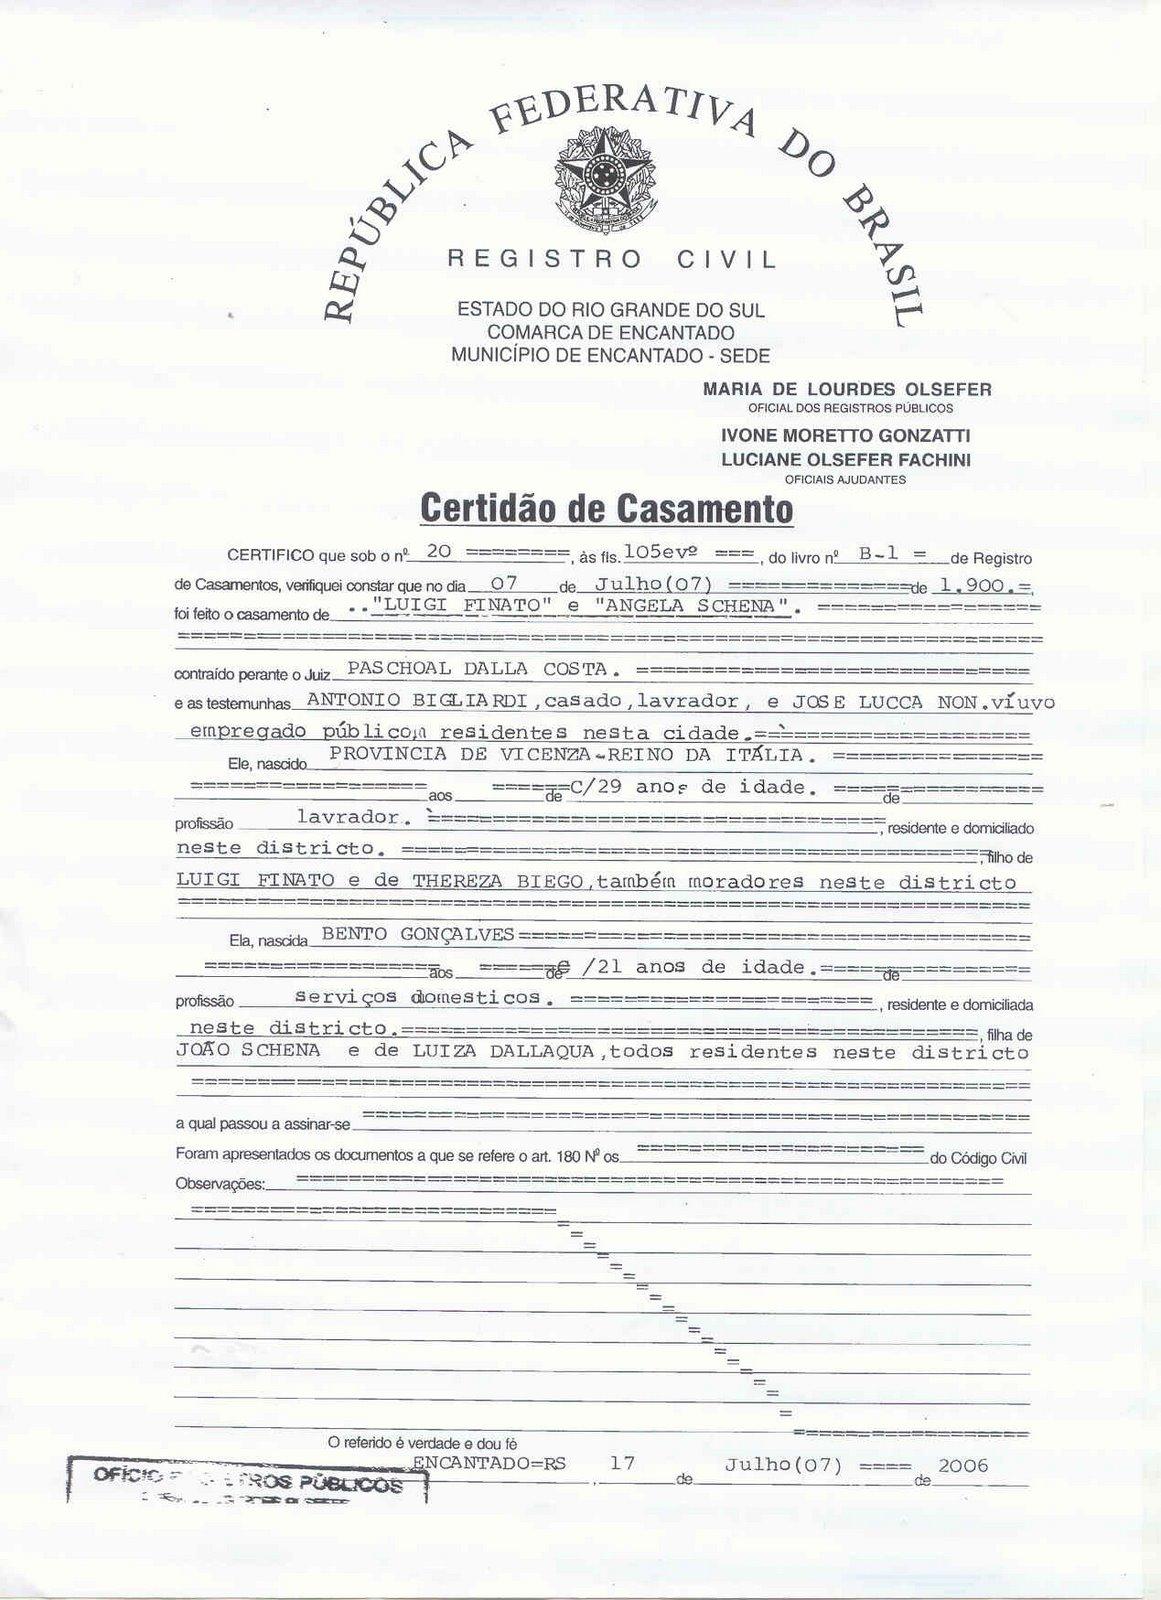 CERTIDÃO DE CASAMENTO DE LUIGI FINATO